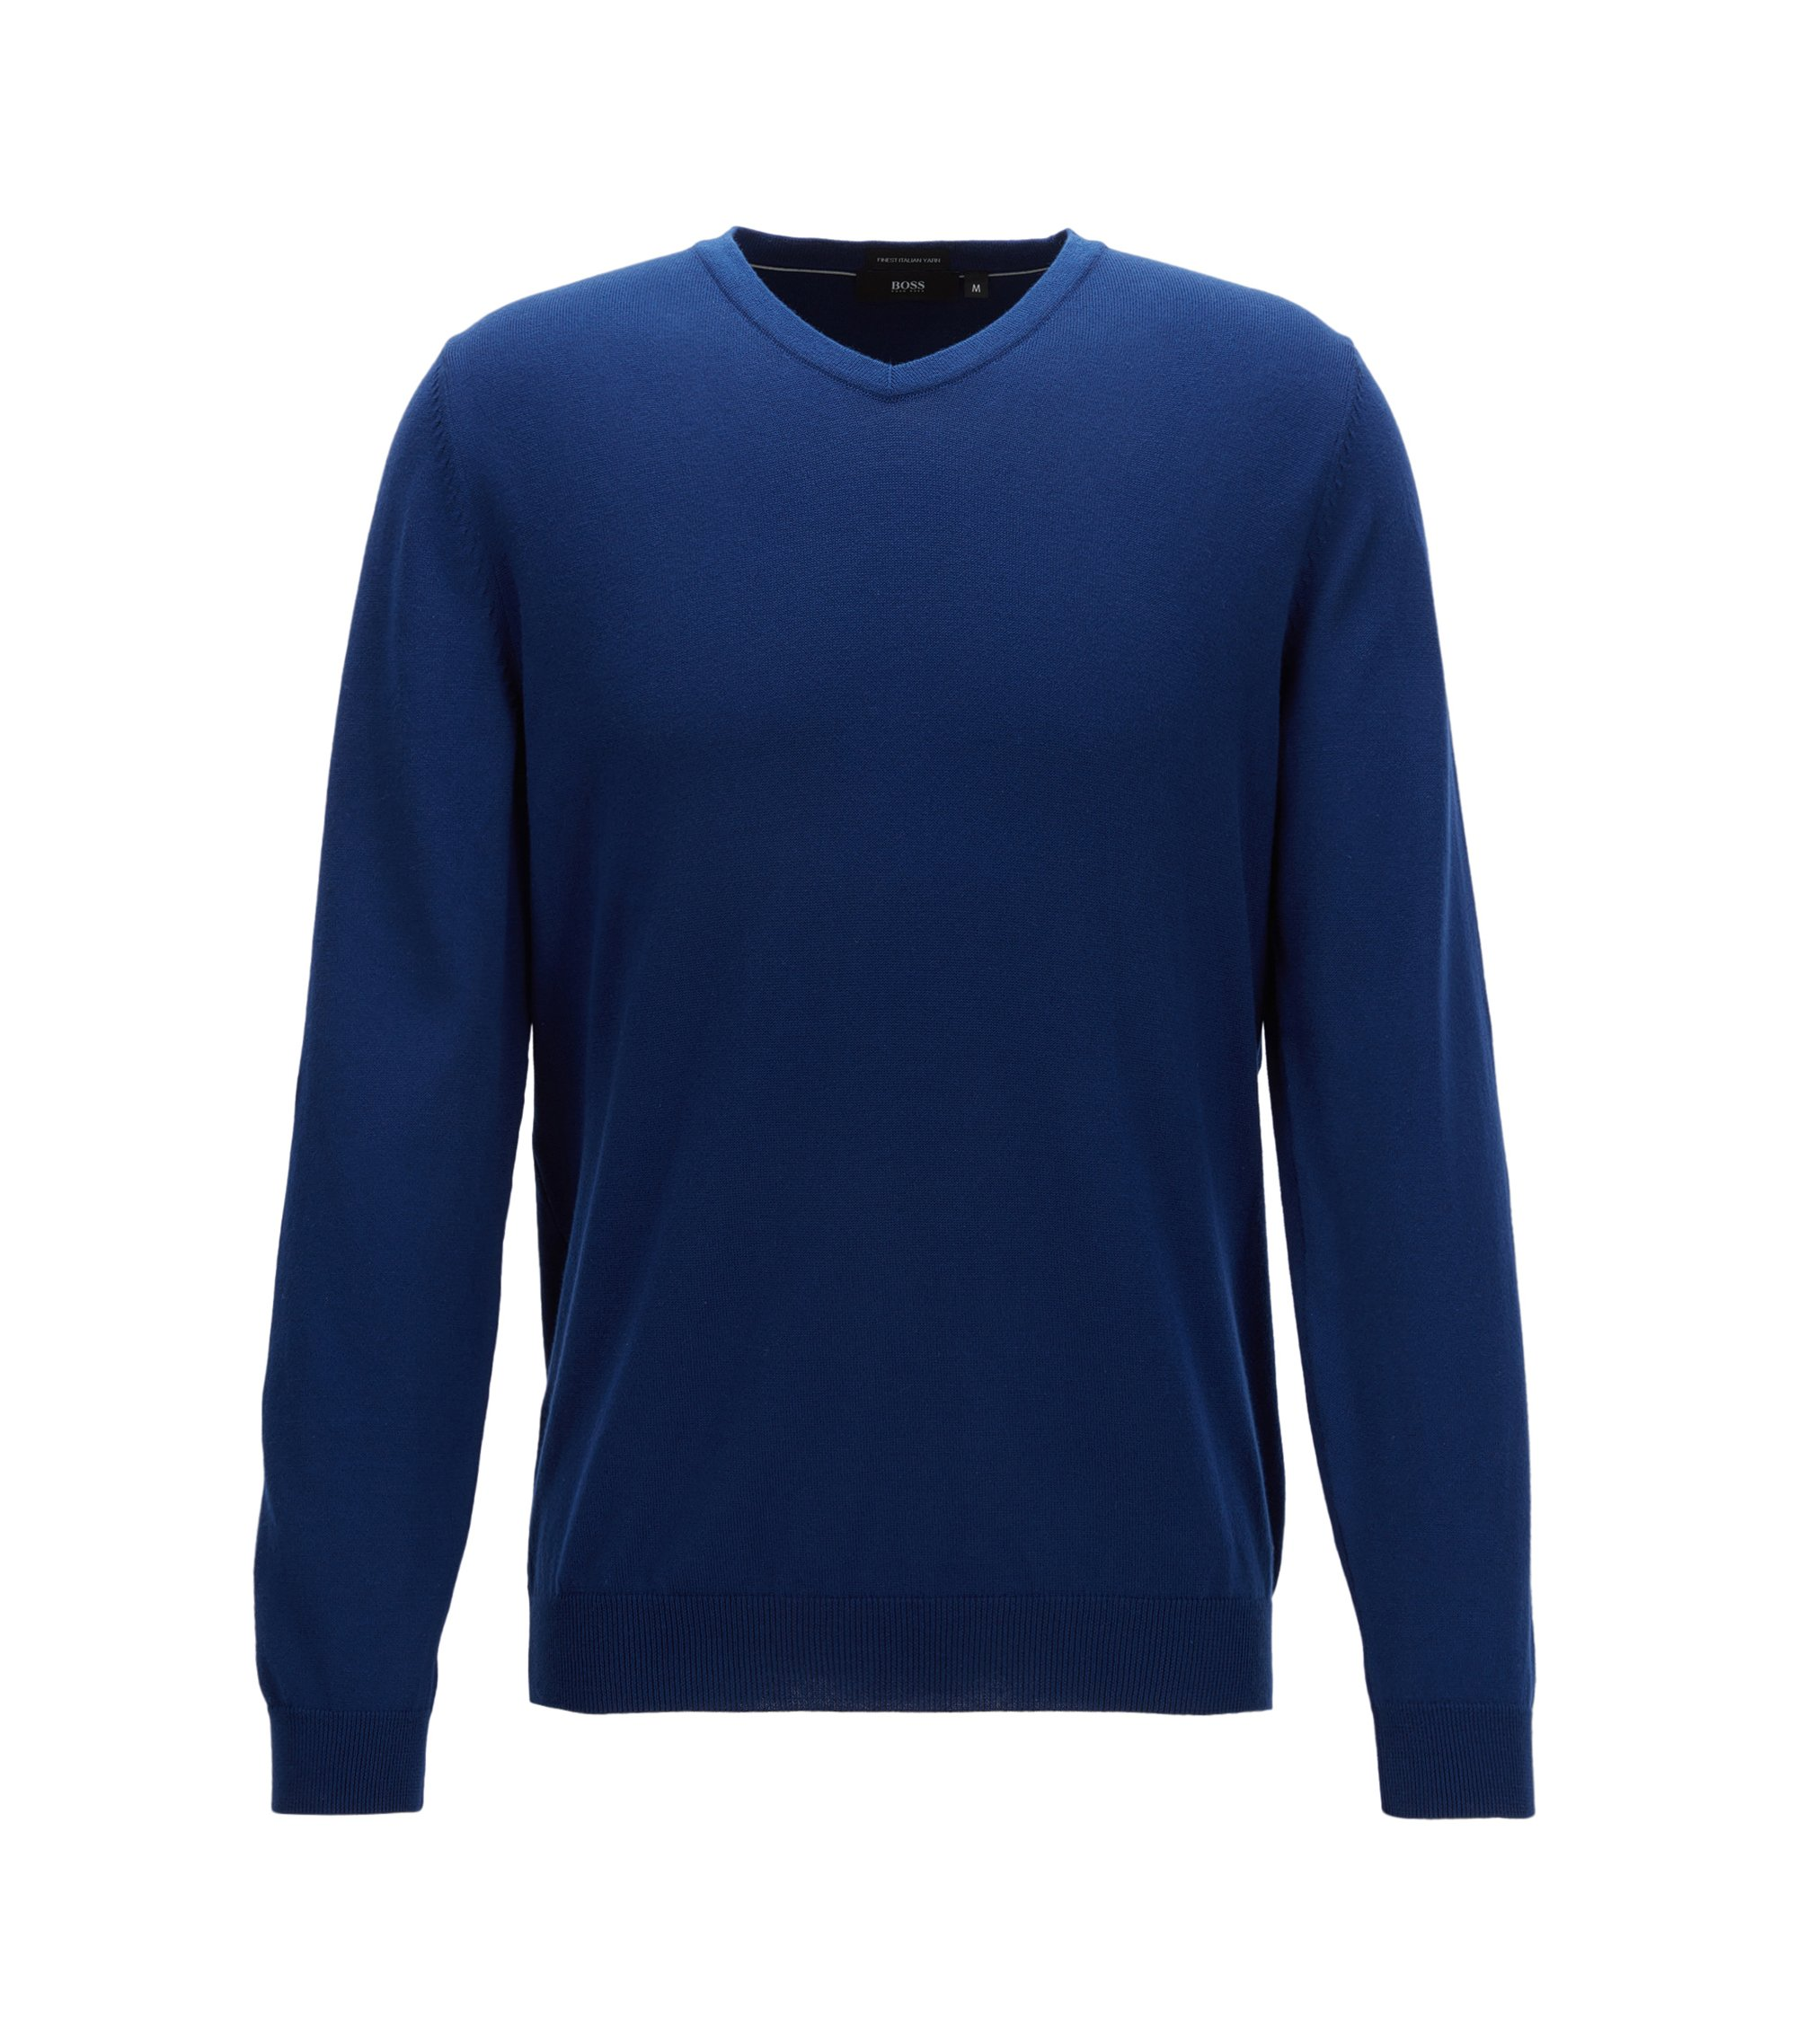 Maglione con scollo a V in raffinato cotone realizzato in Italia, Blu scuro